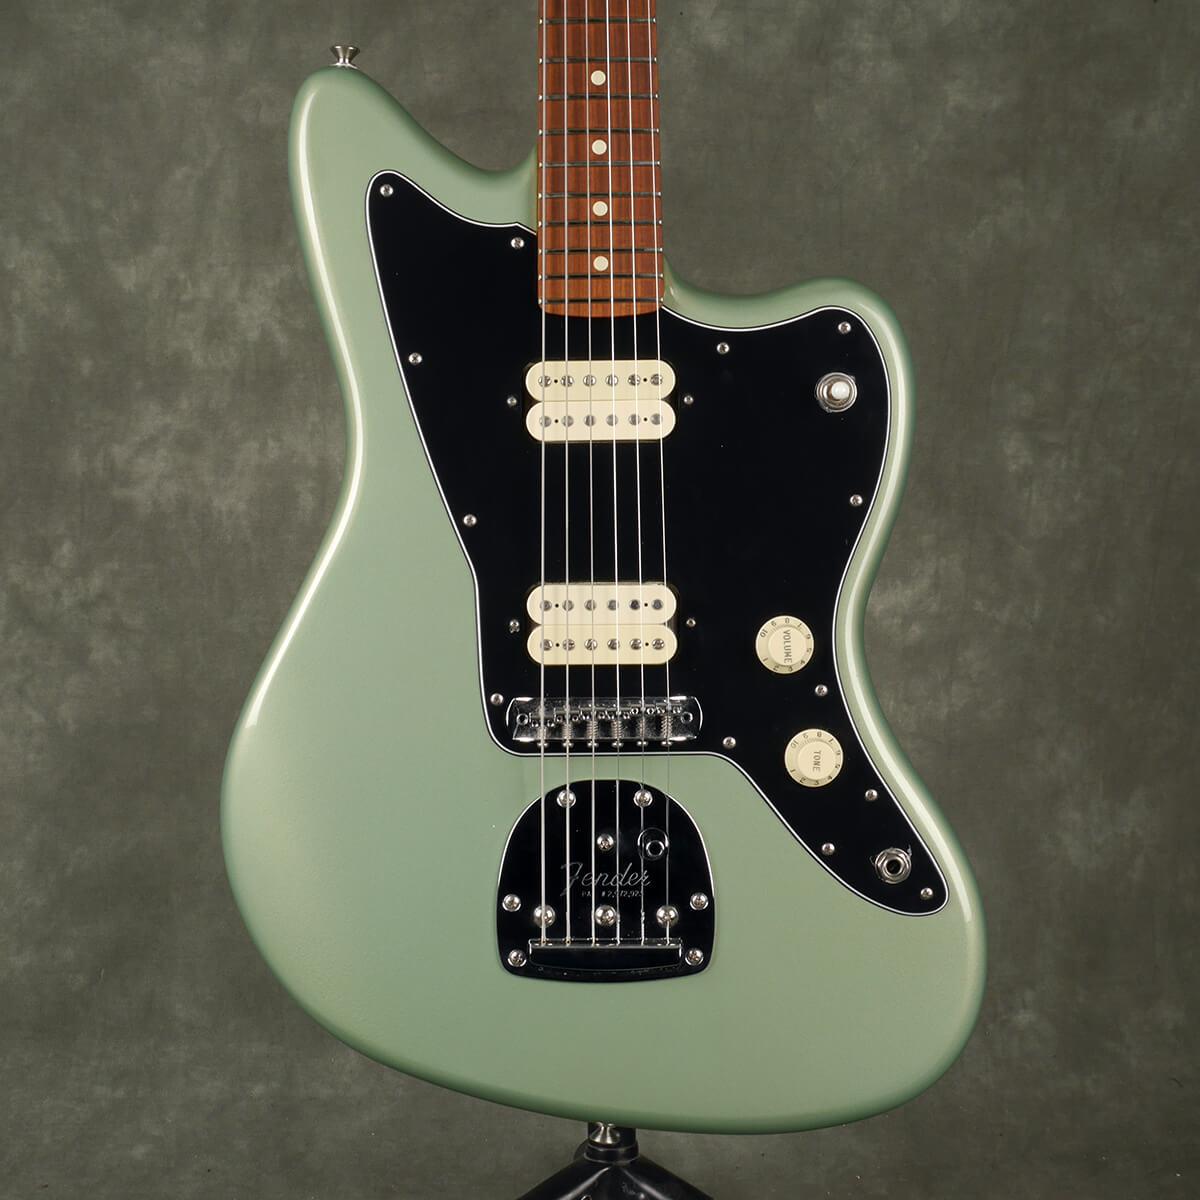 Fender Player Jazzmaster - Sage Green - 2nd Hand